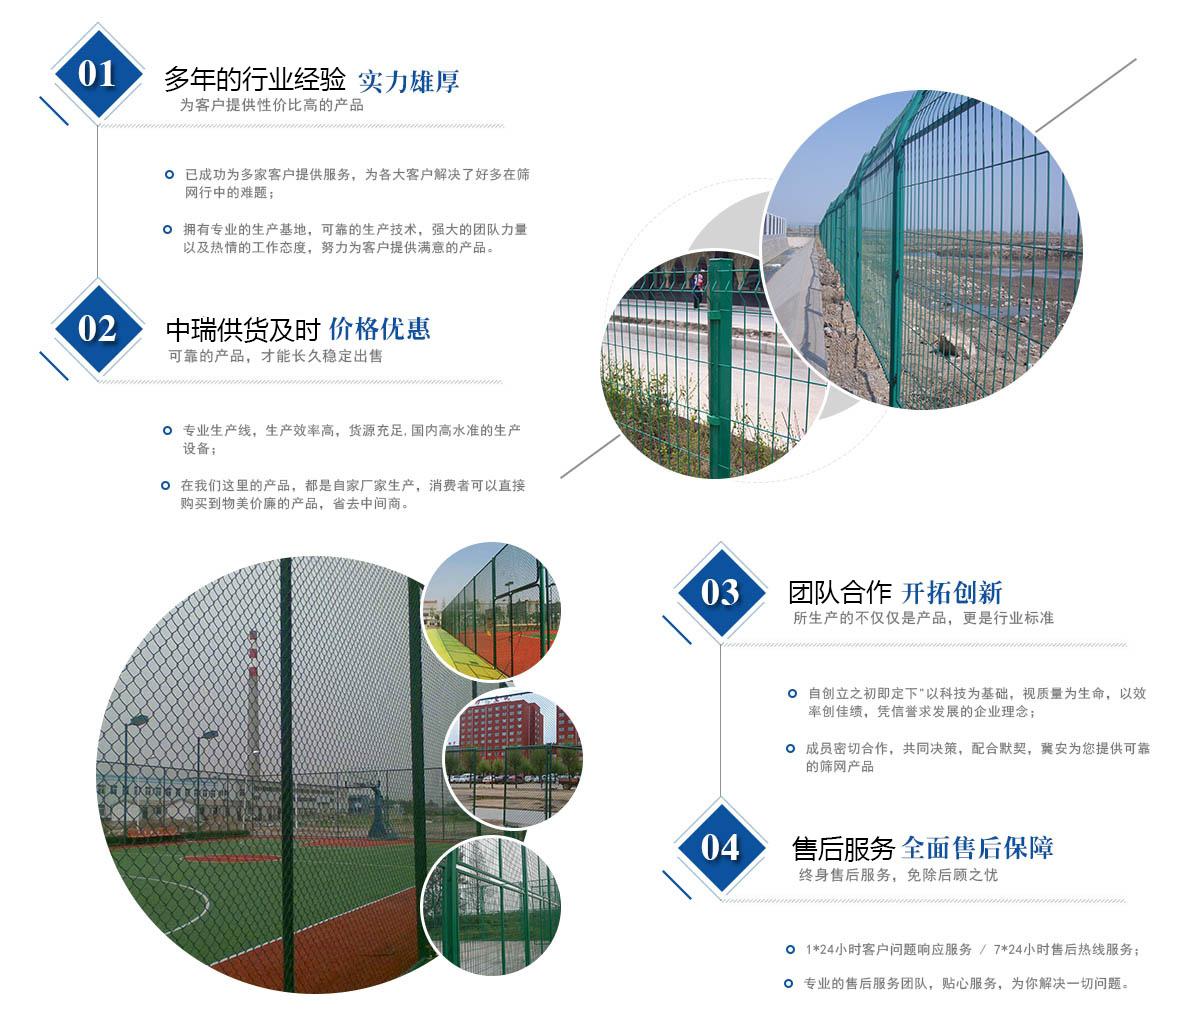 青海网围栏介绍